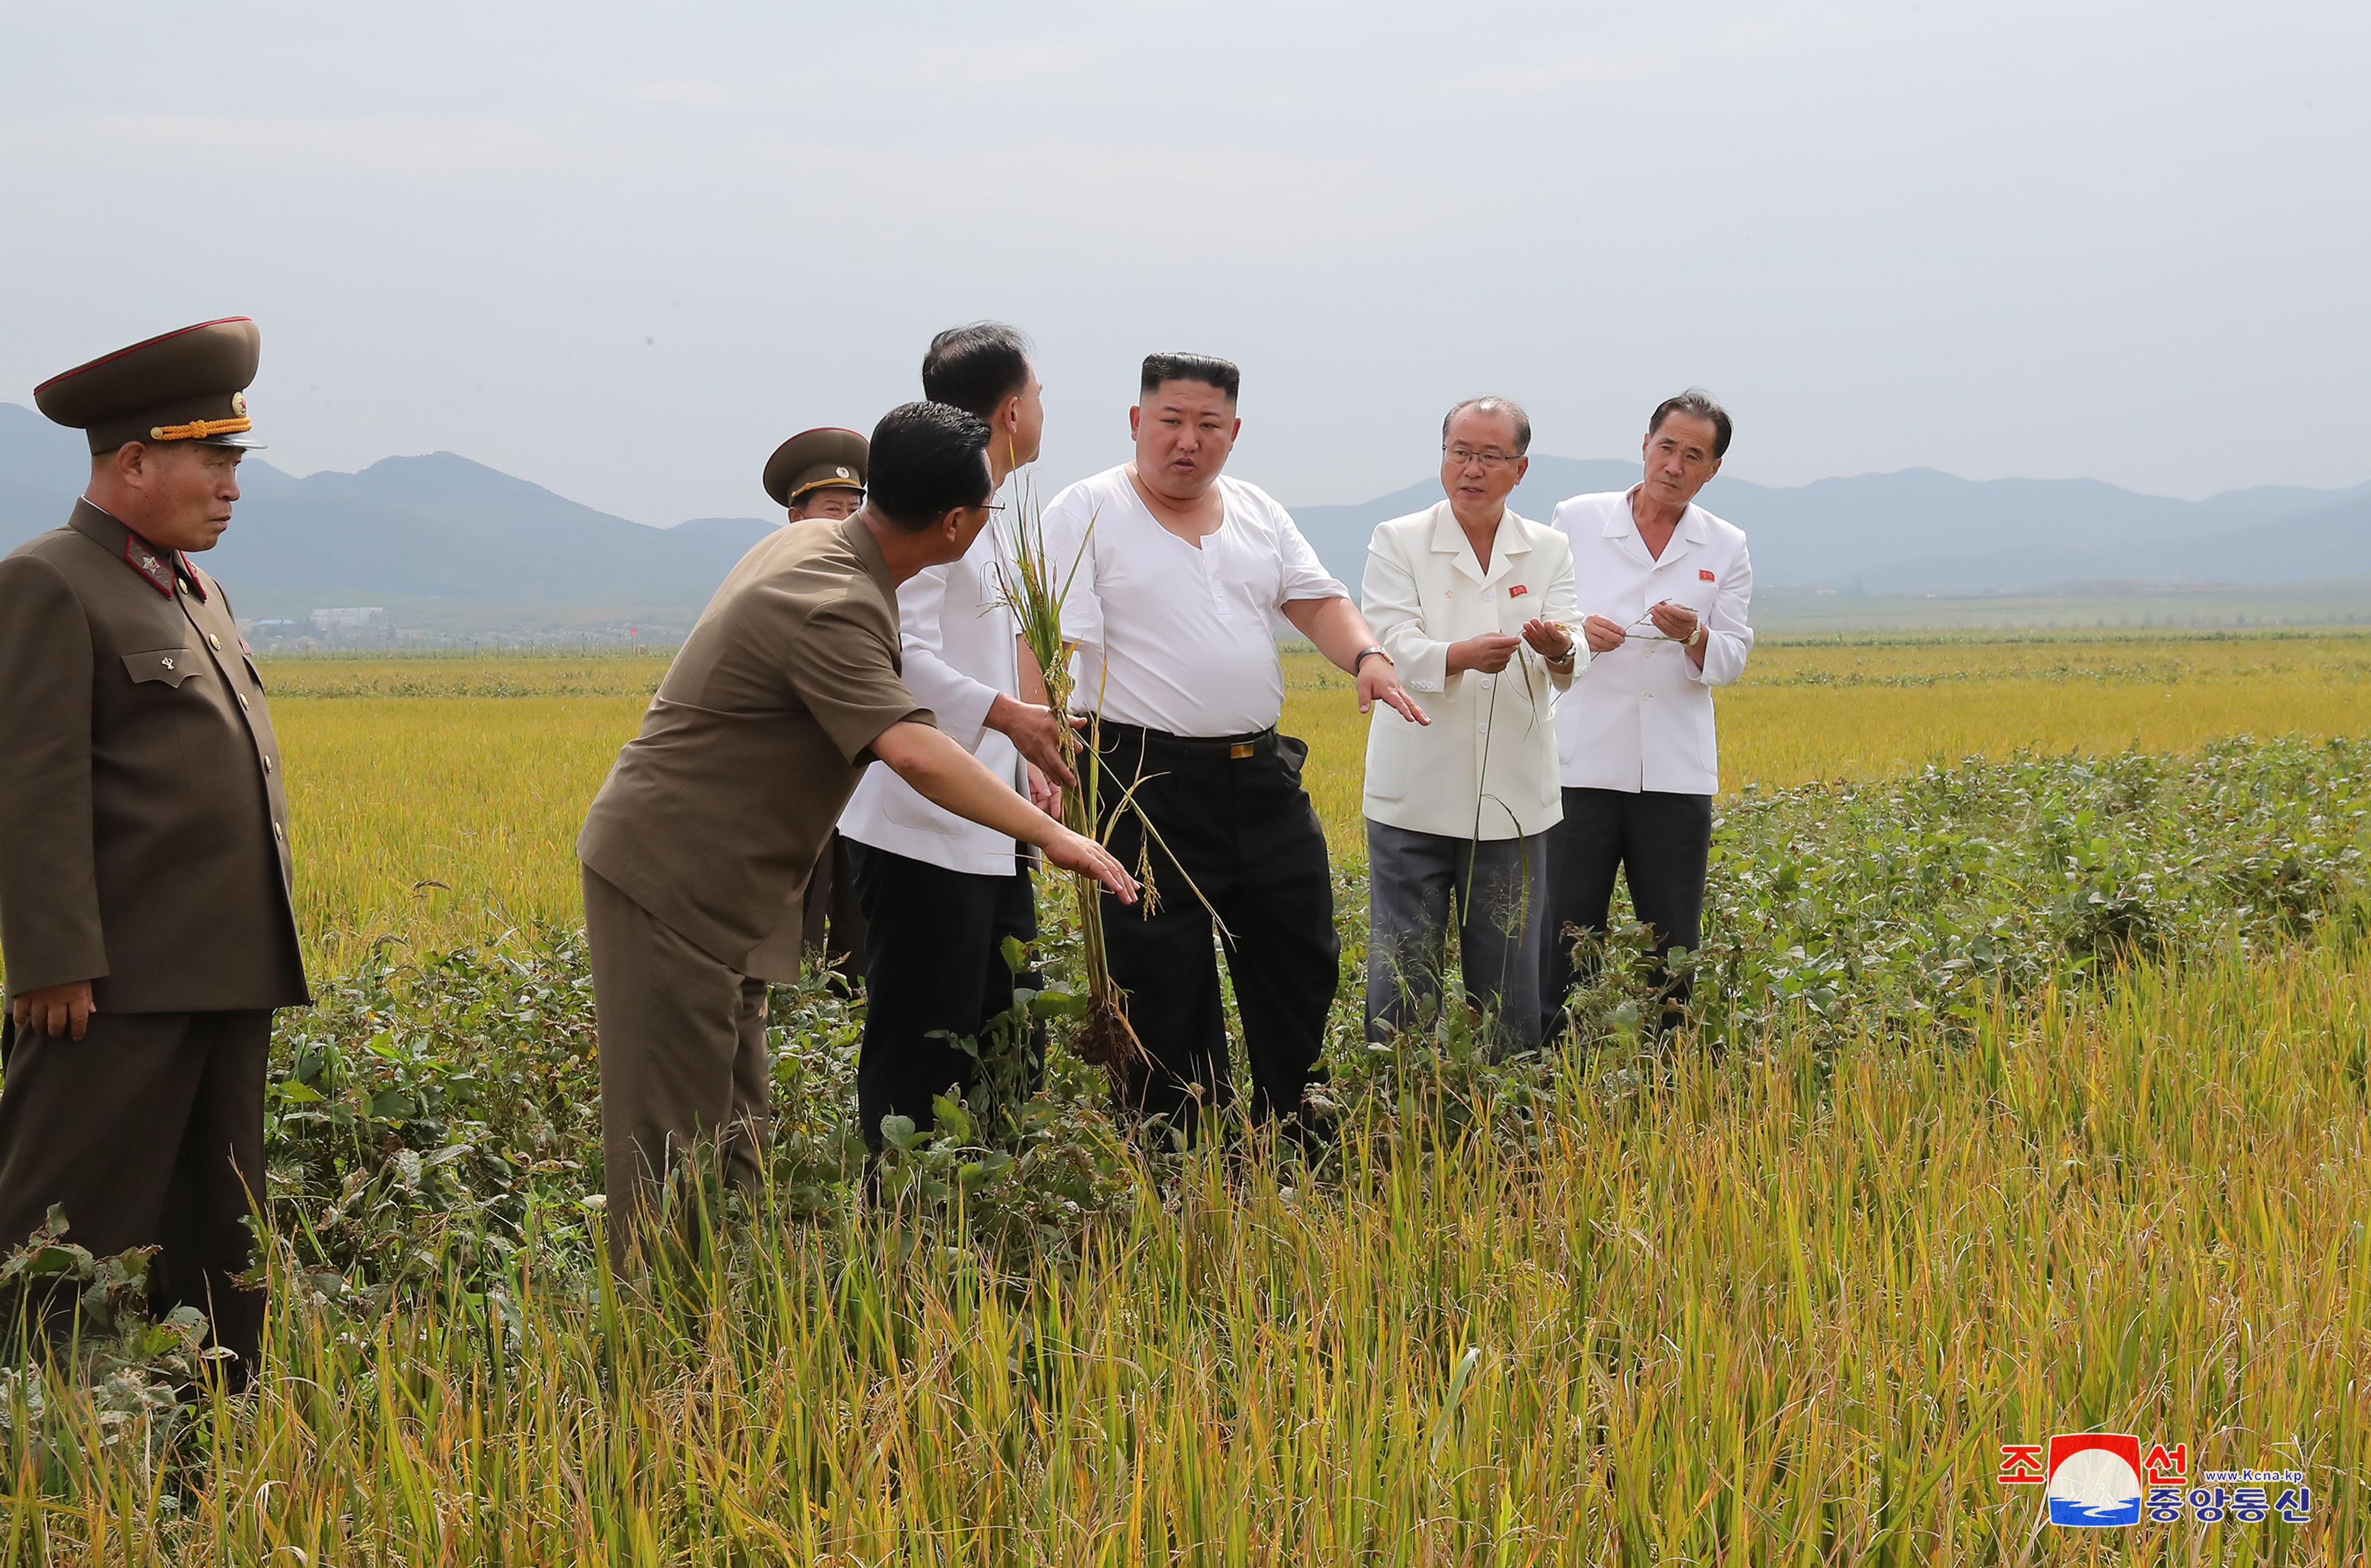 金正恩氏、黄海北道の洪水被害の復旧現場を視察